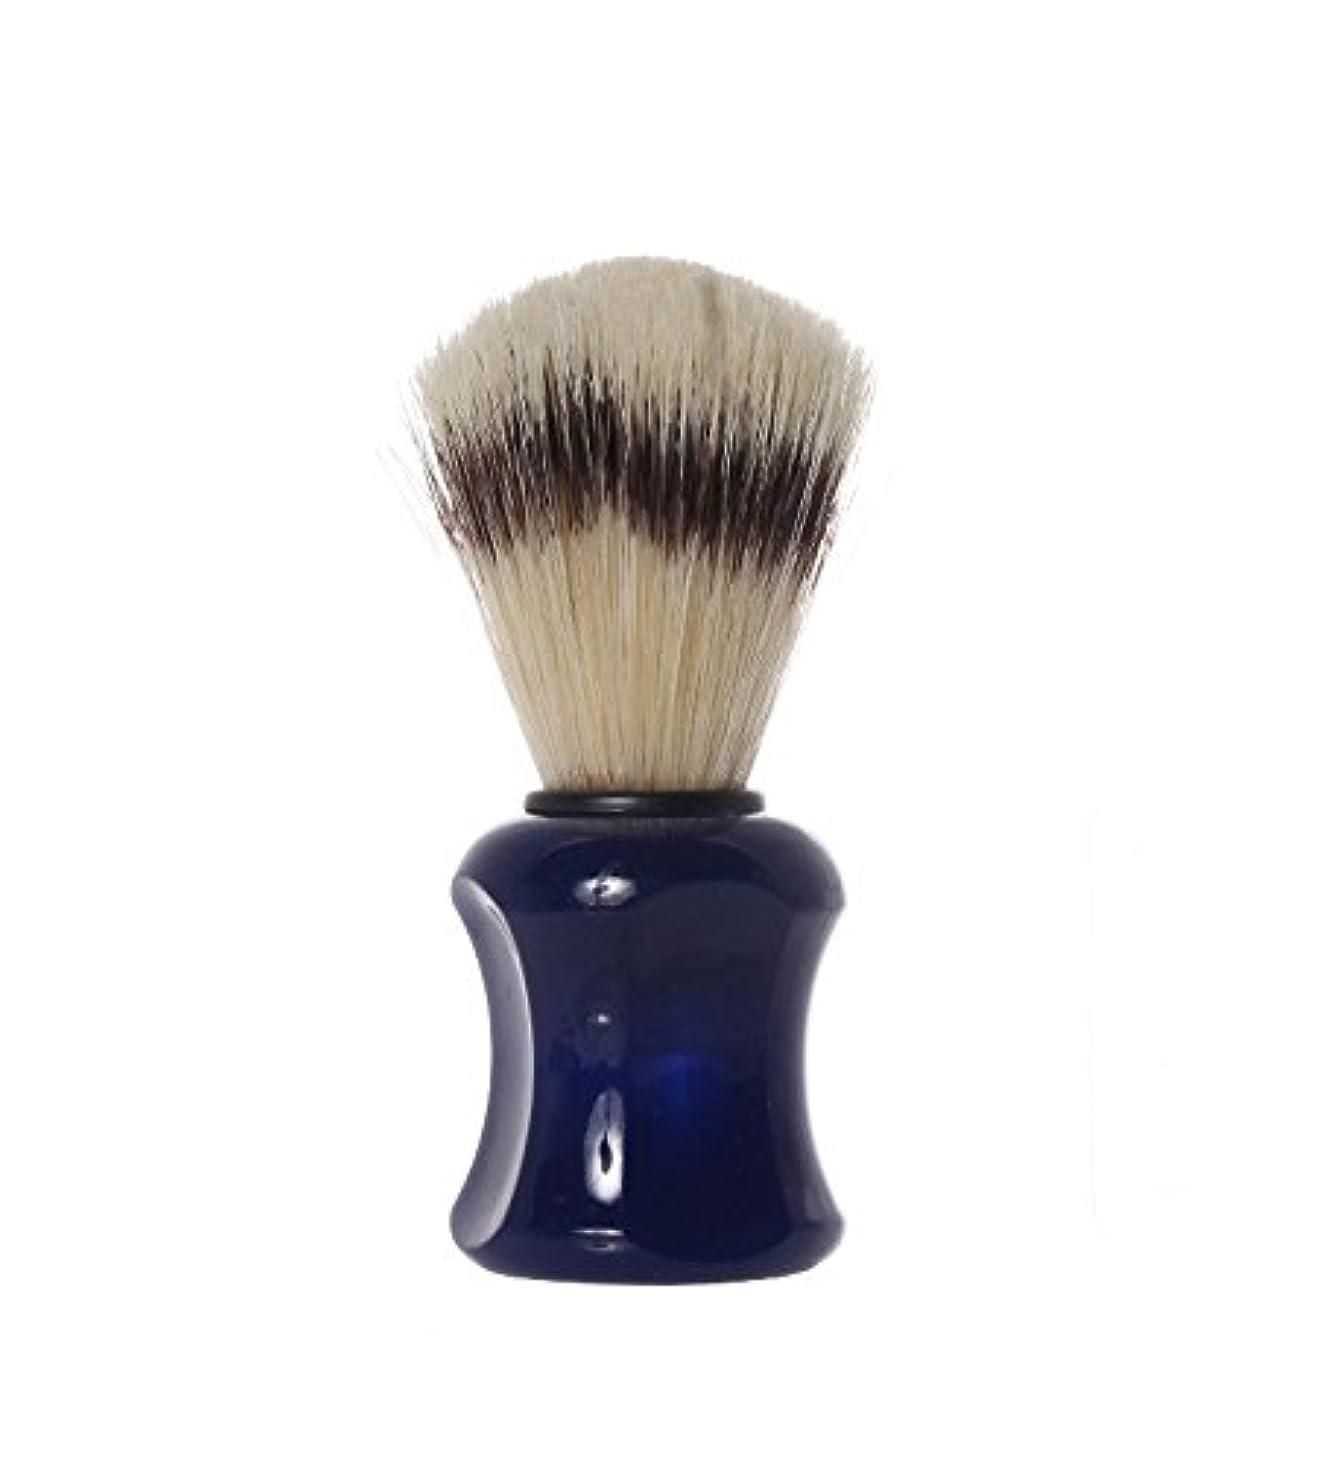 ベルトパーチナシティ実行するShaving Brush with pig´s bristles, 10,0 cm, blue - Erbe Solingen